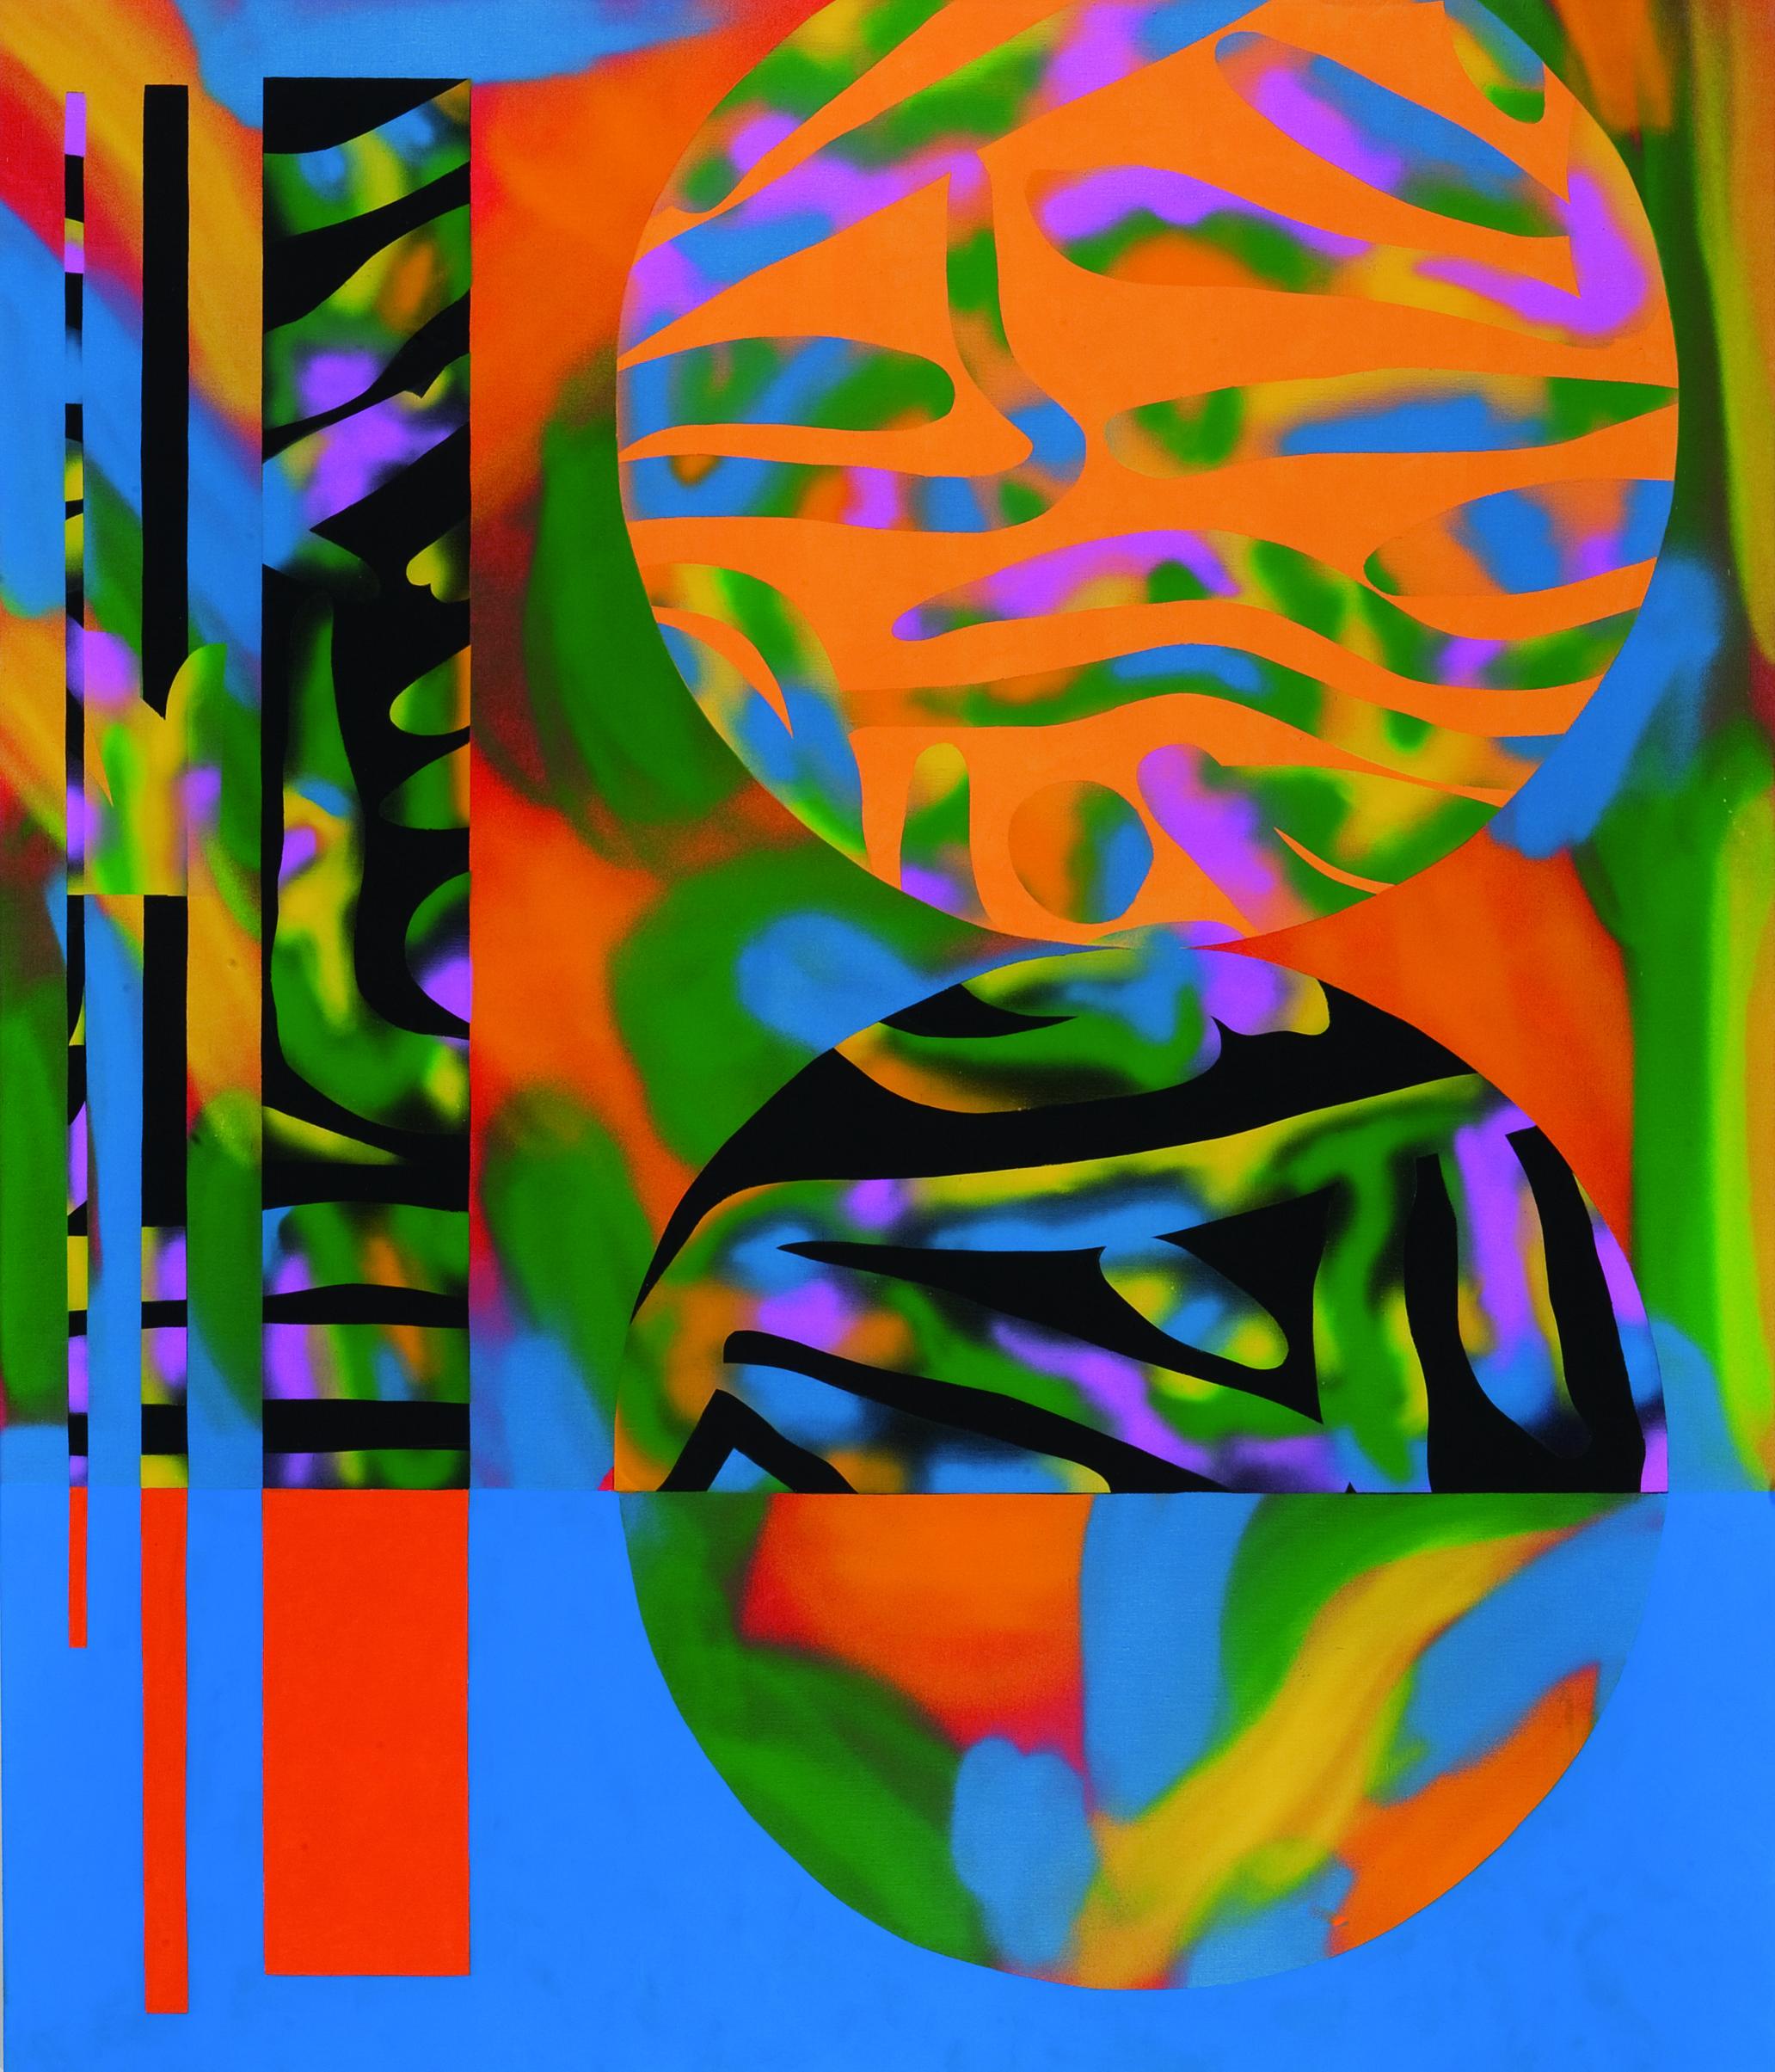 Sunshine Superman, 2009, acrylic, spray on canvas, 220 x 190 cm